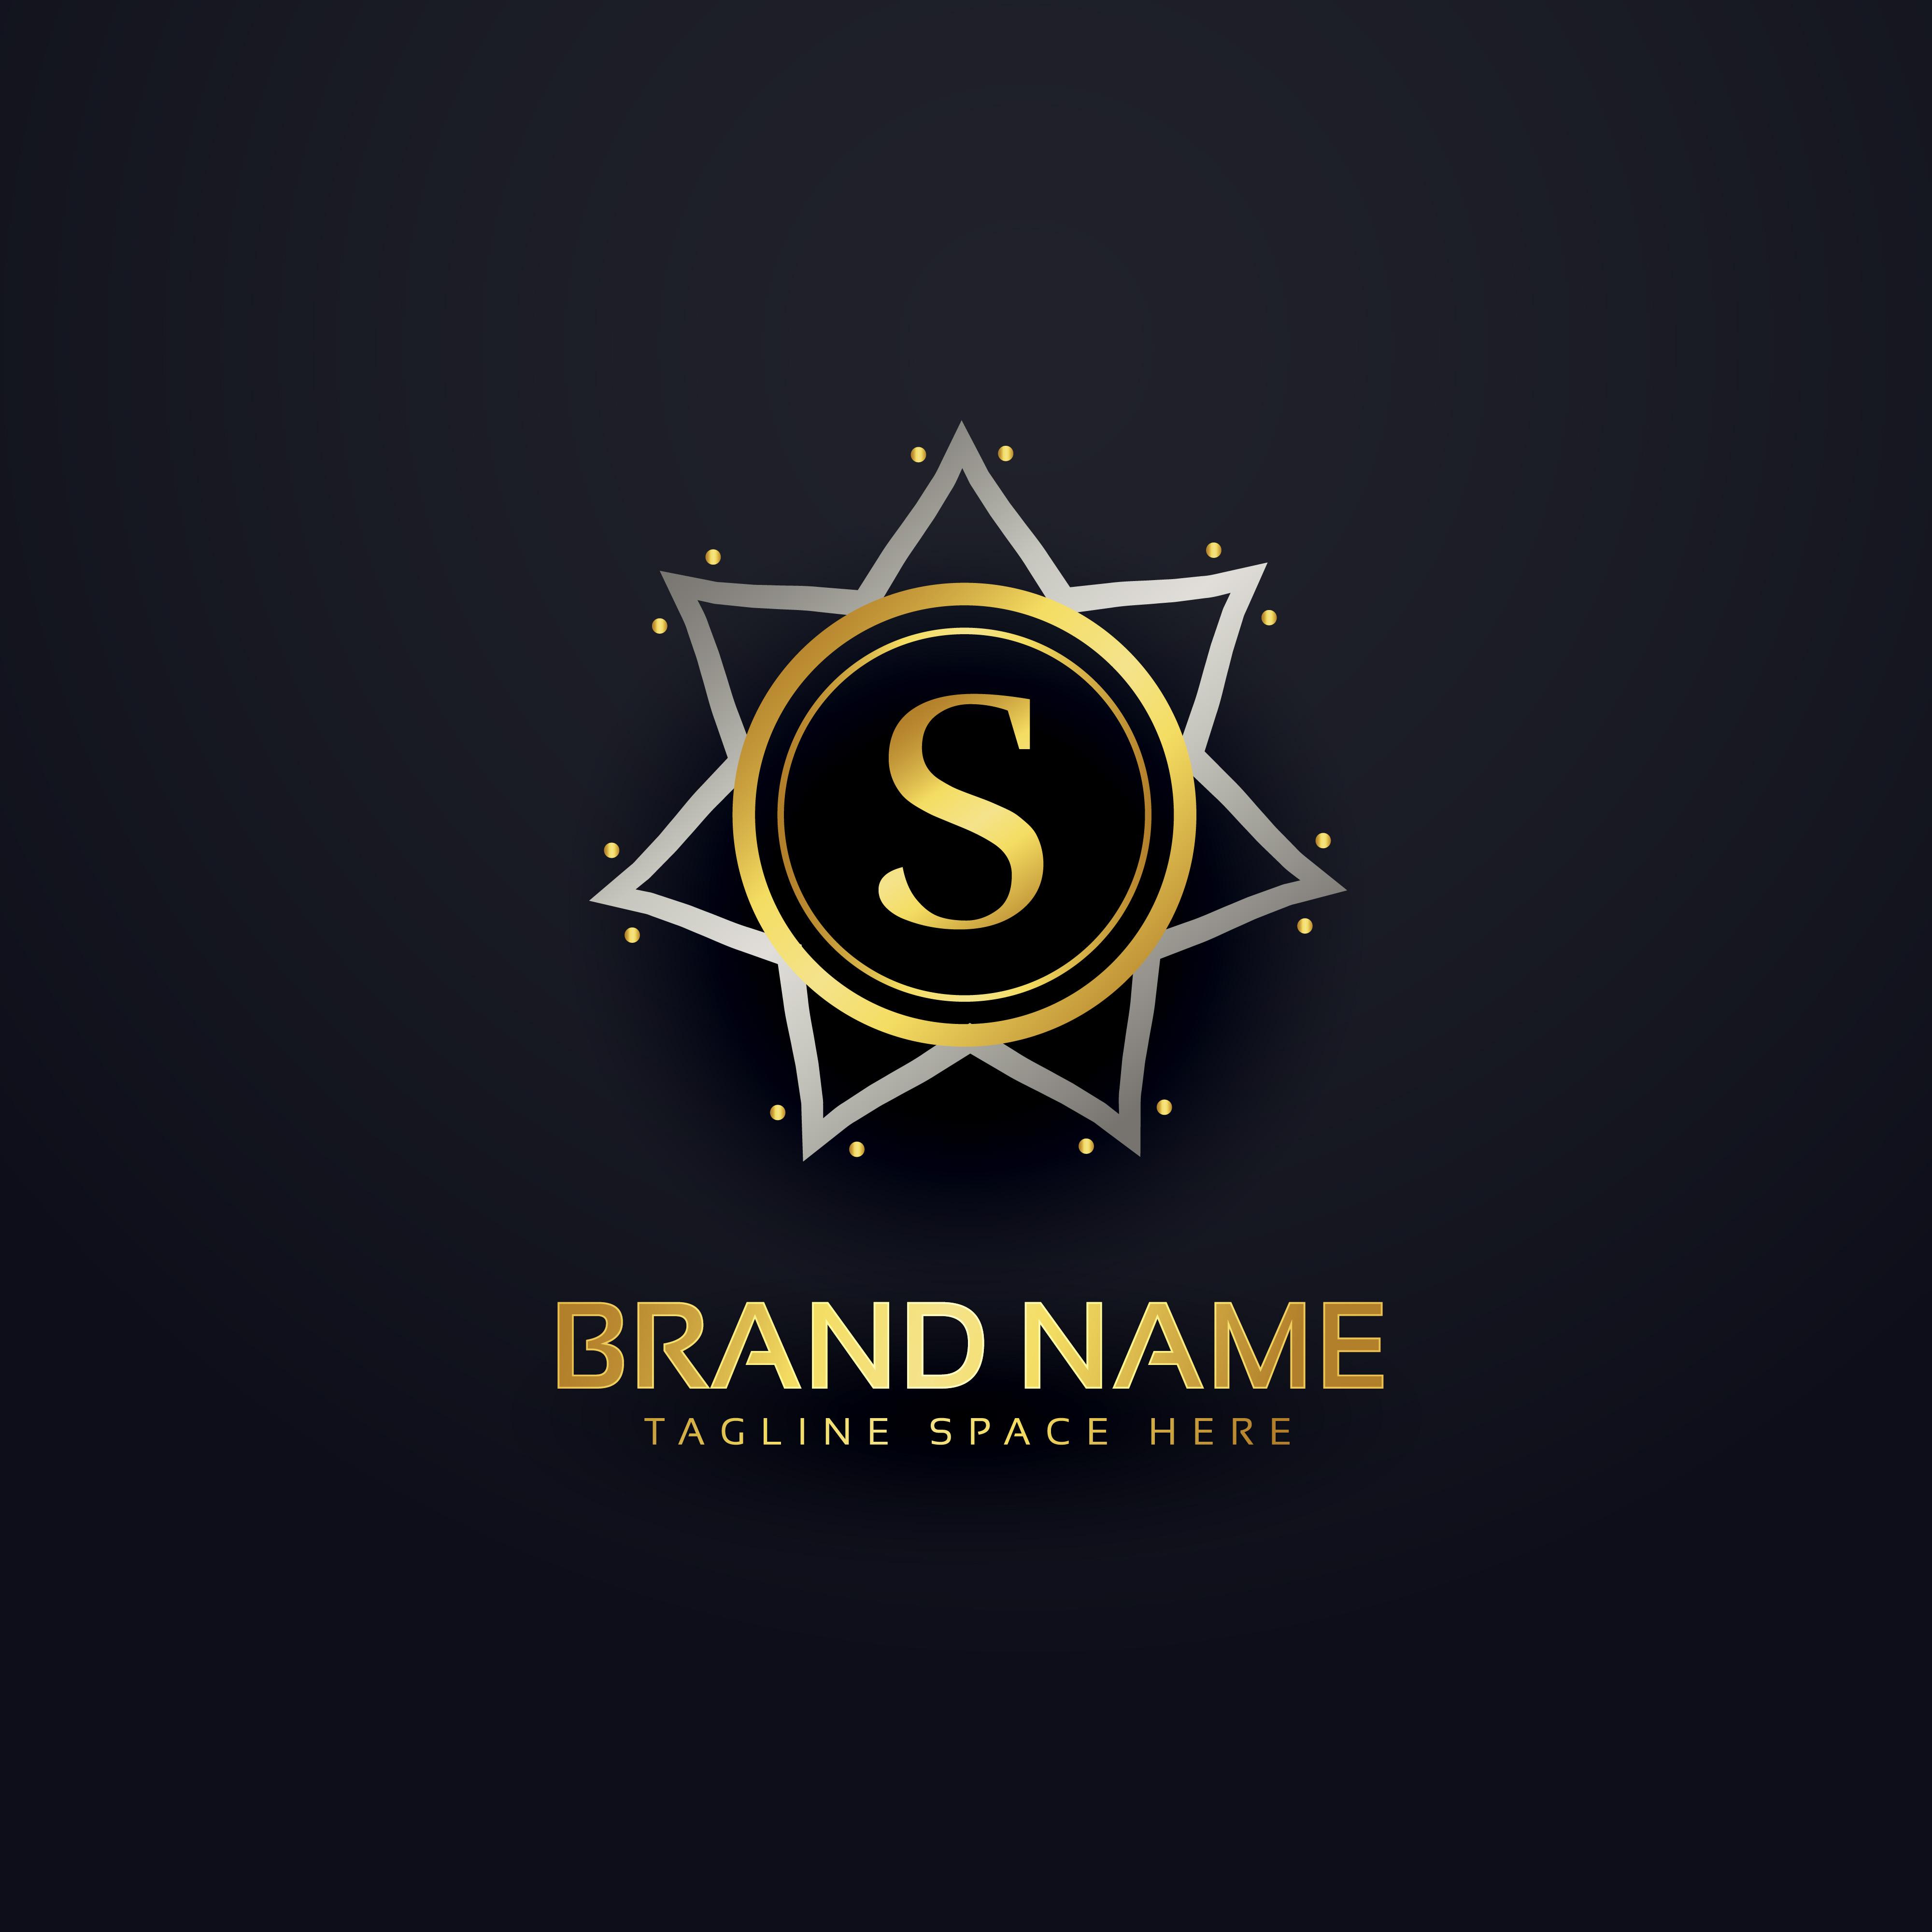 Letter s logo design in premium style download free for Immagini design